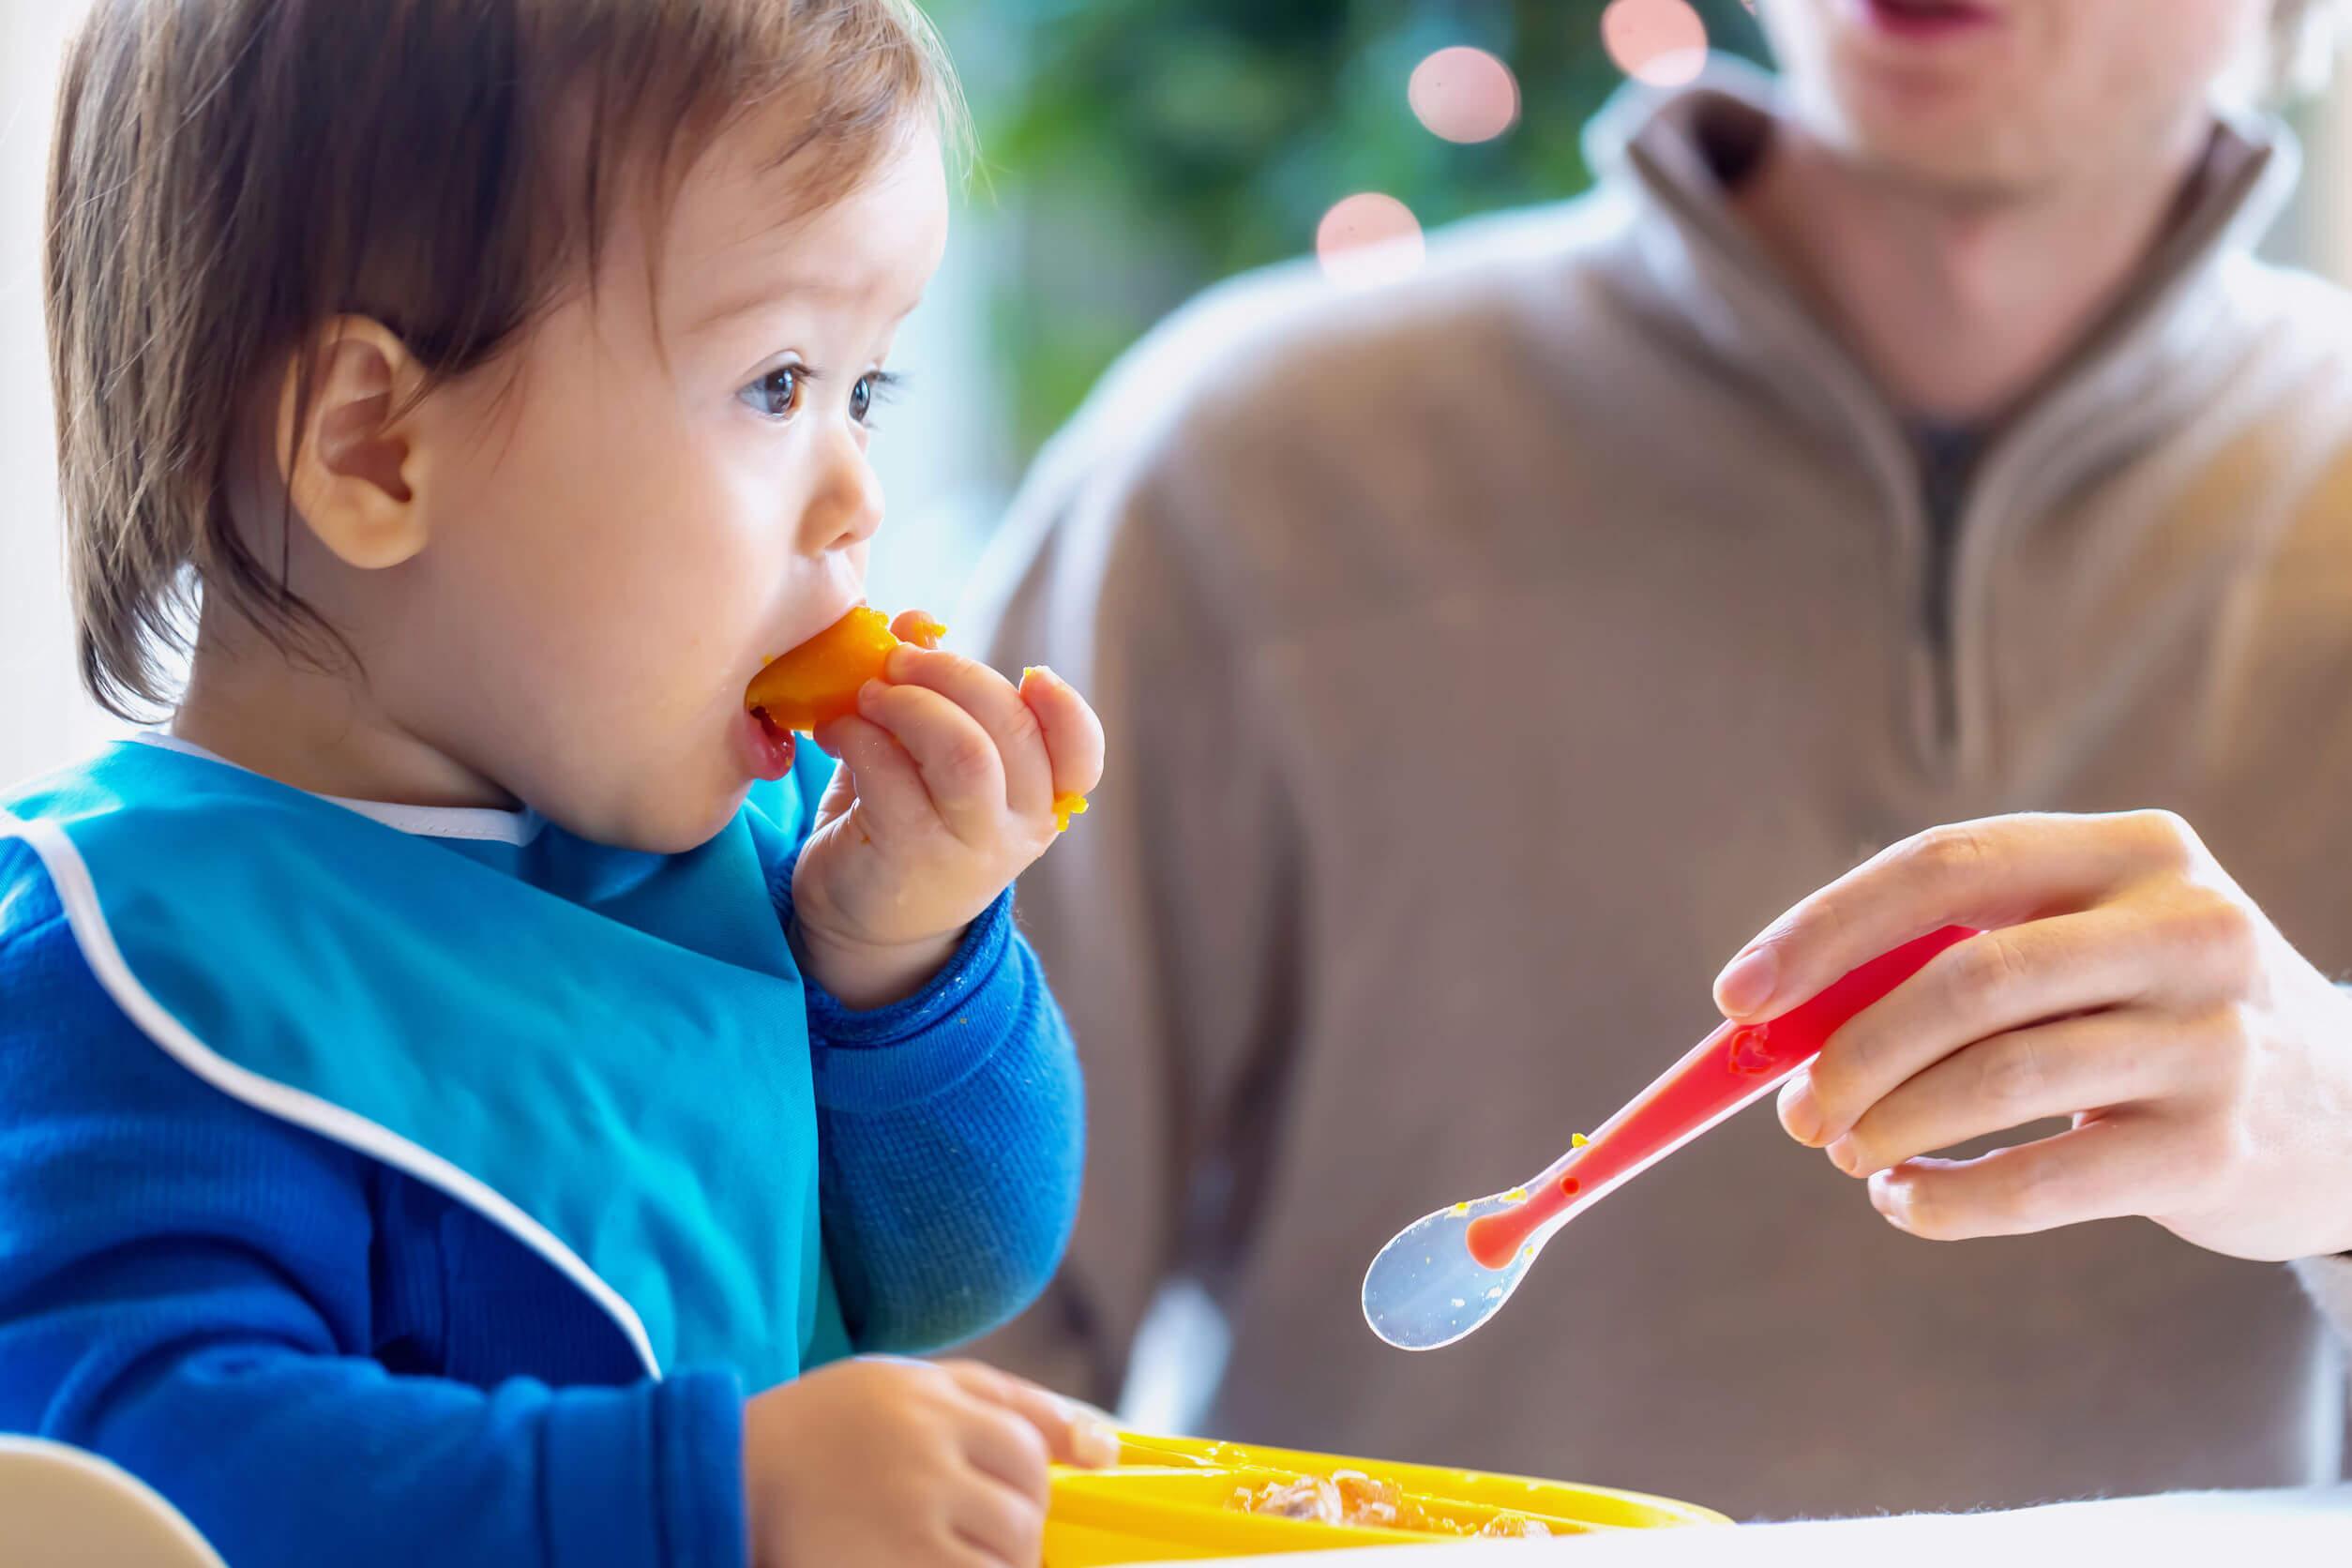 Padre dando de comer a su hijo con alimentación complementaria.